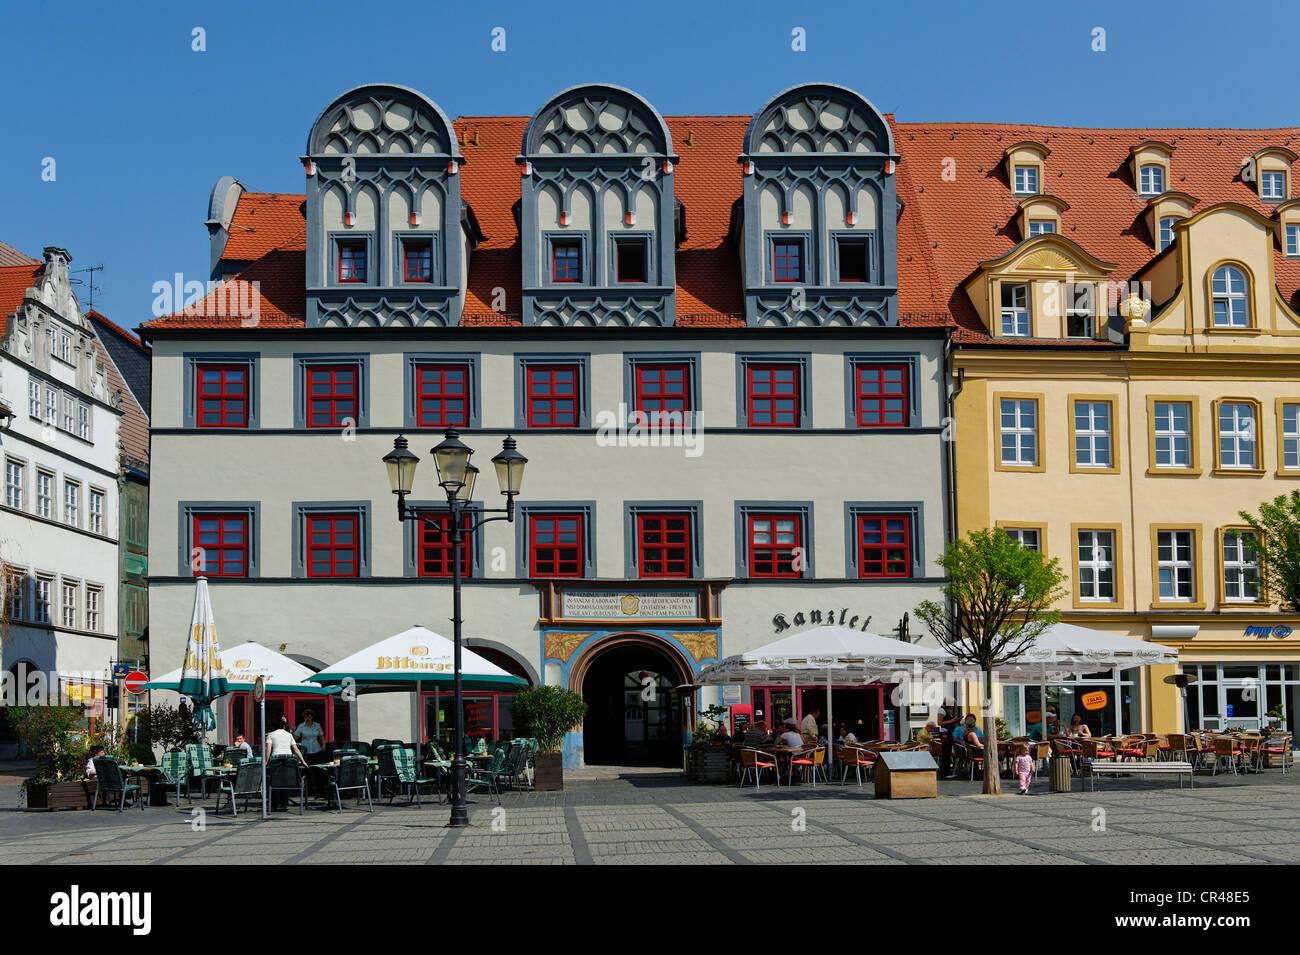 Market square, Naumburg, Saxony-Anhalt, Germany, Europe - Stock Image